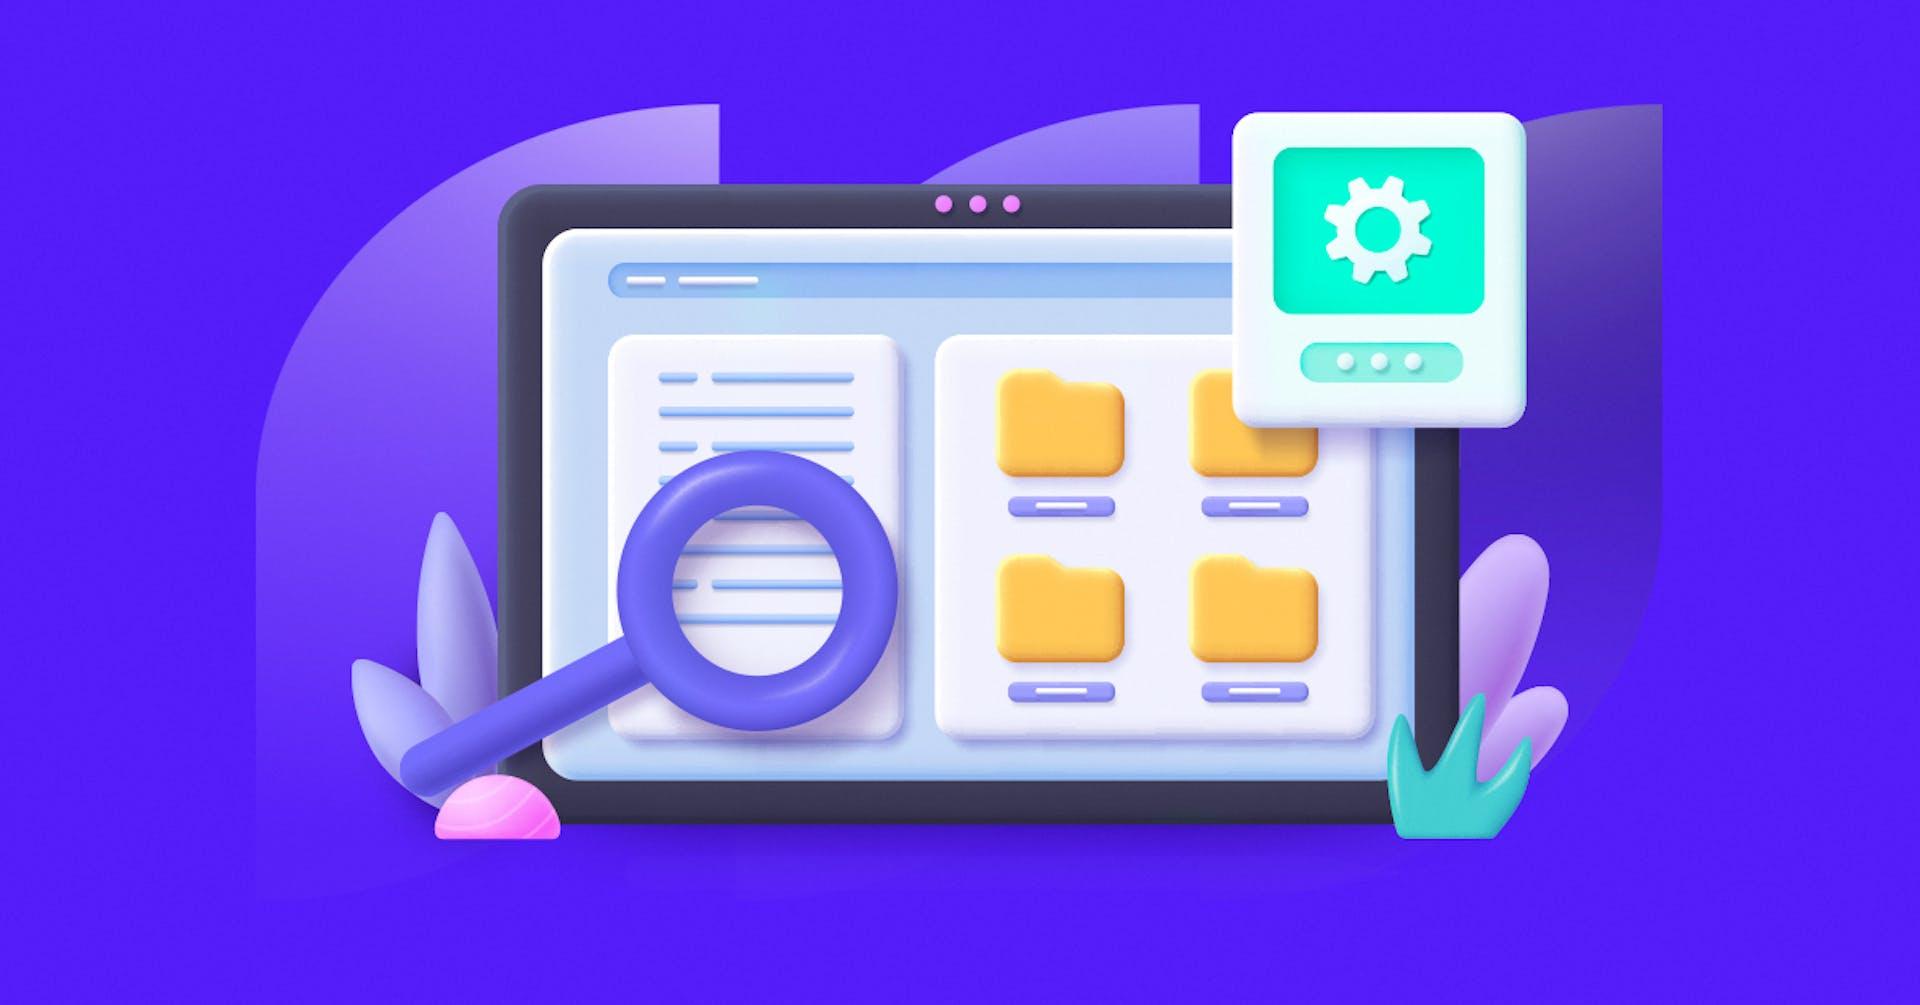 Descubre qué es Schema y mejora la optimización SEO de tus páginas web